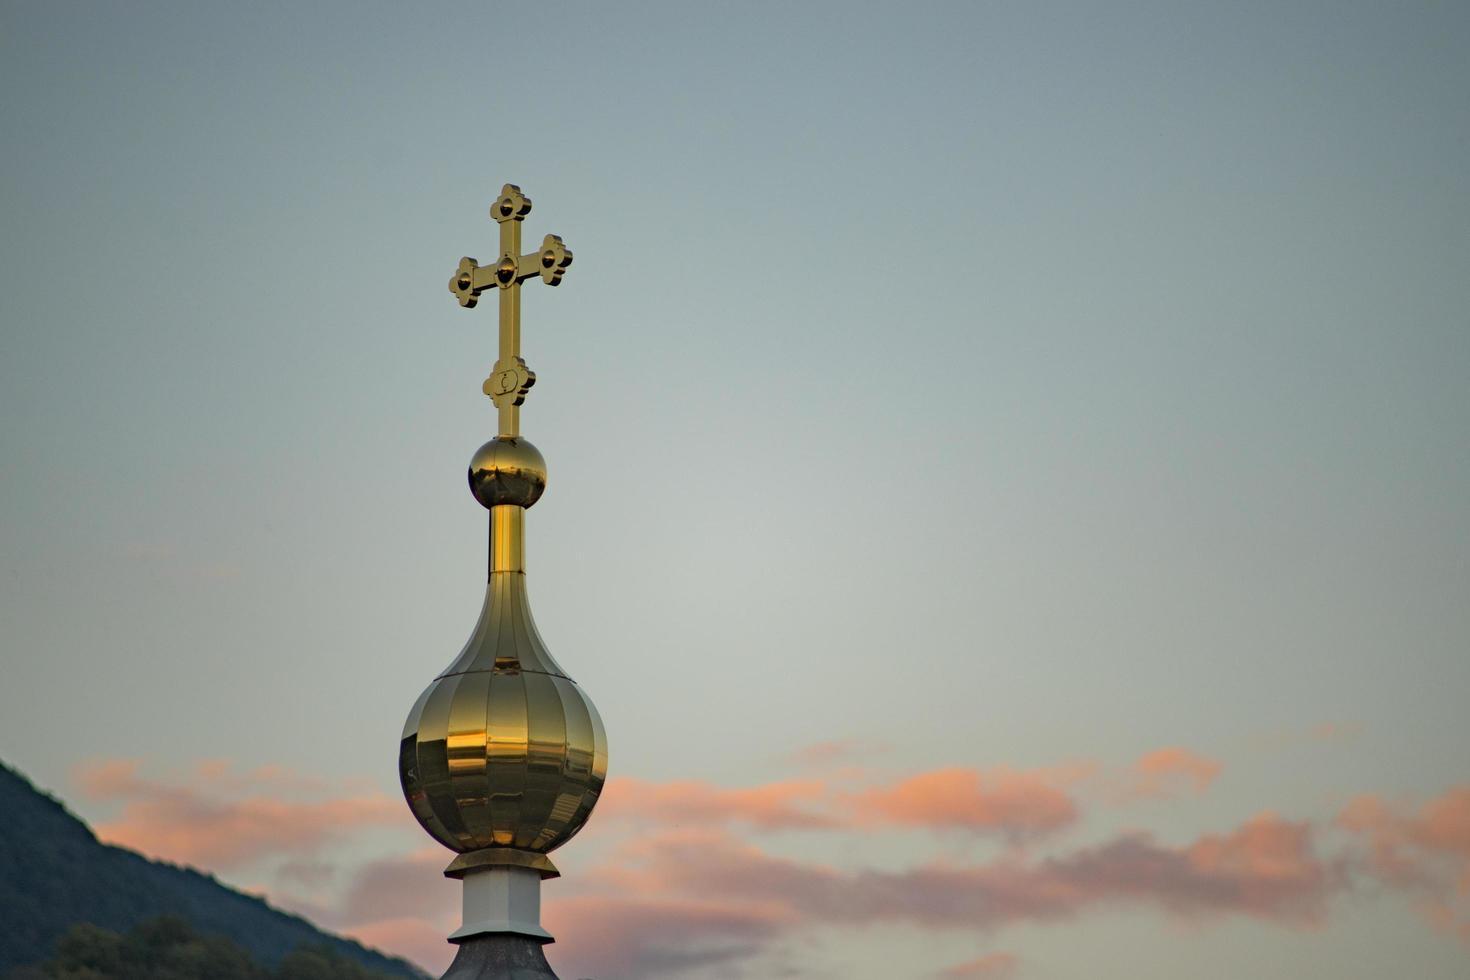 le dôme doré de la chapelle sur fond de ciel du soir photo